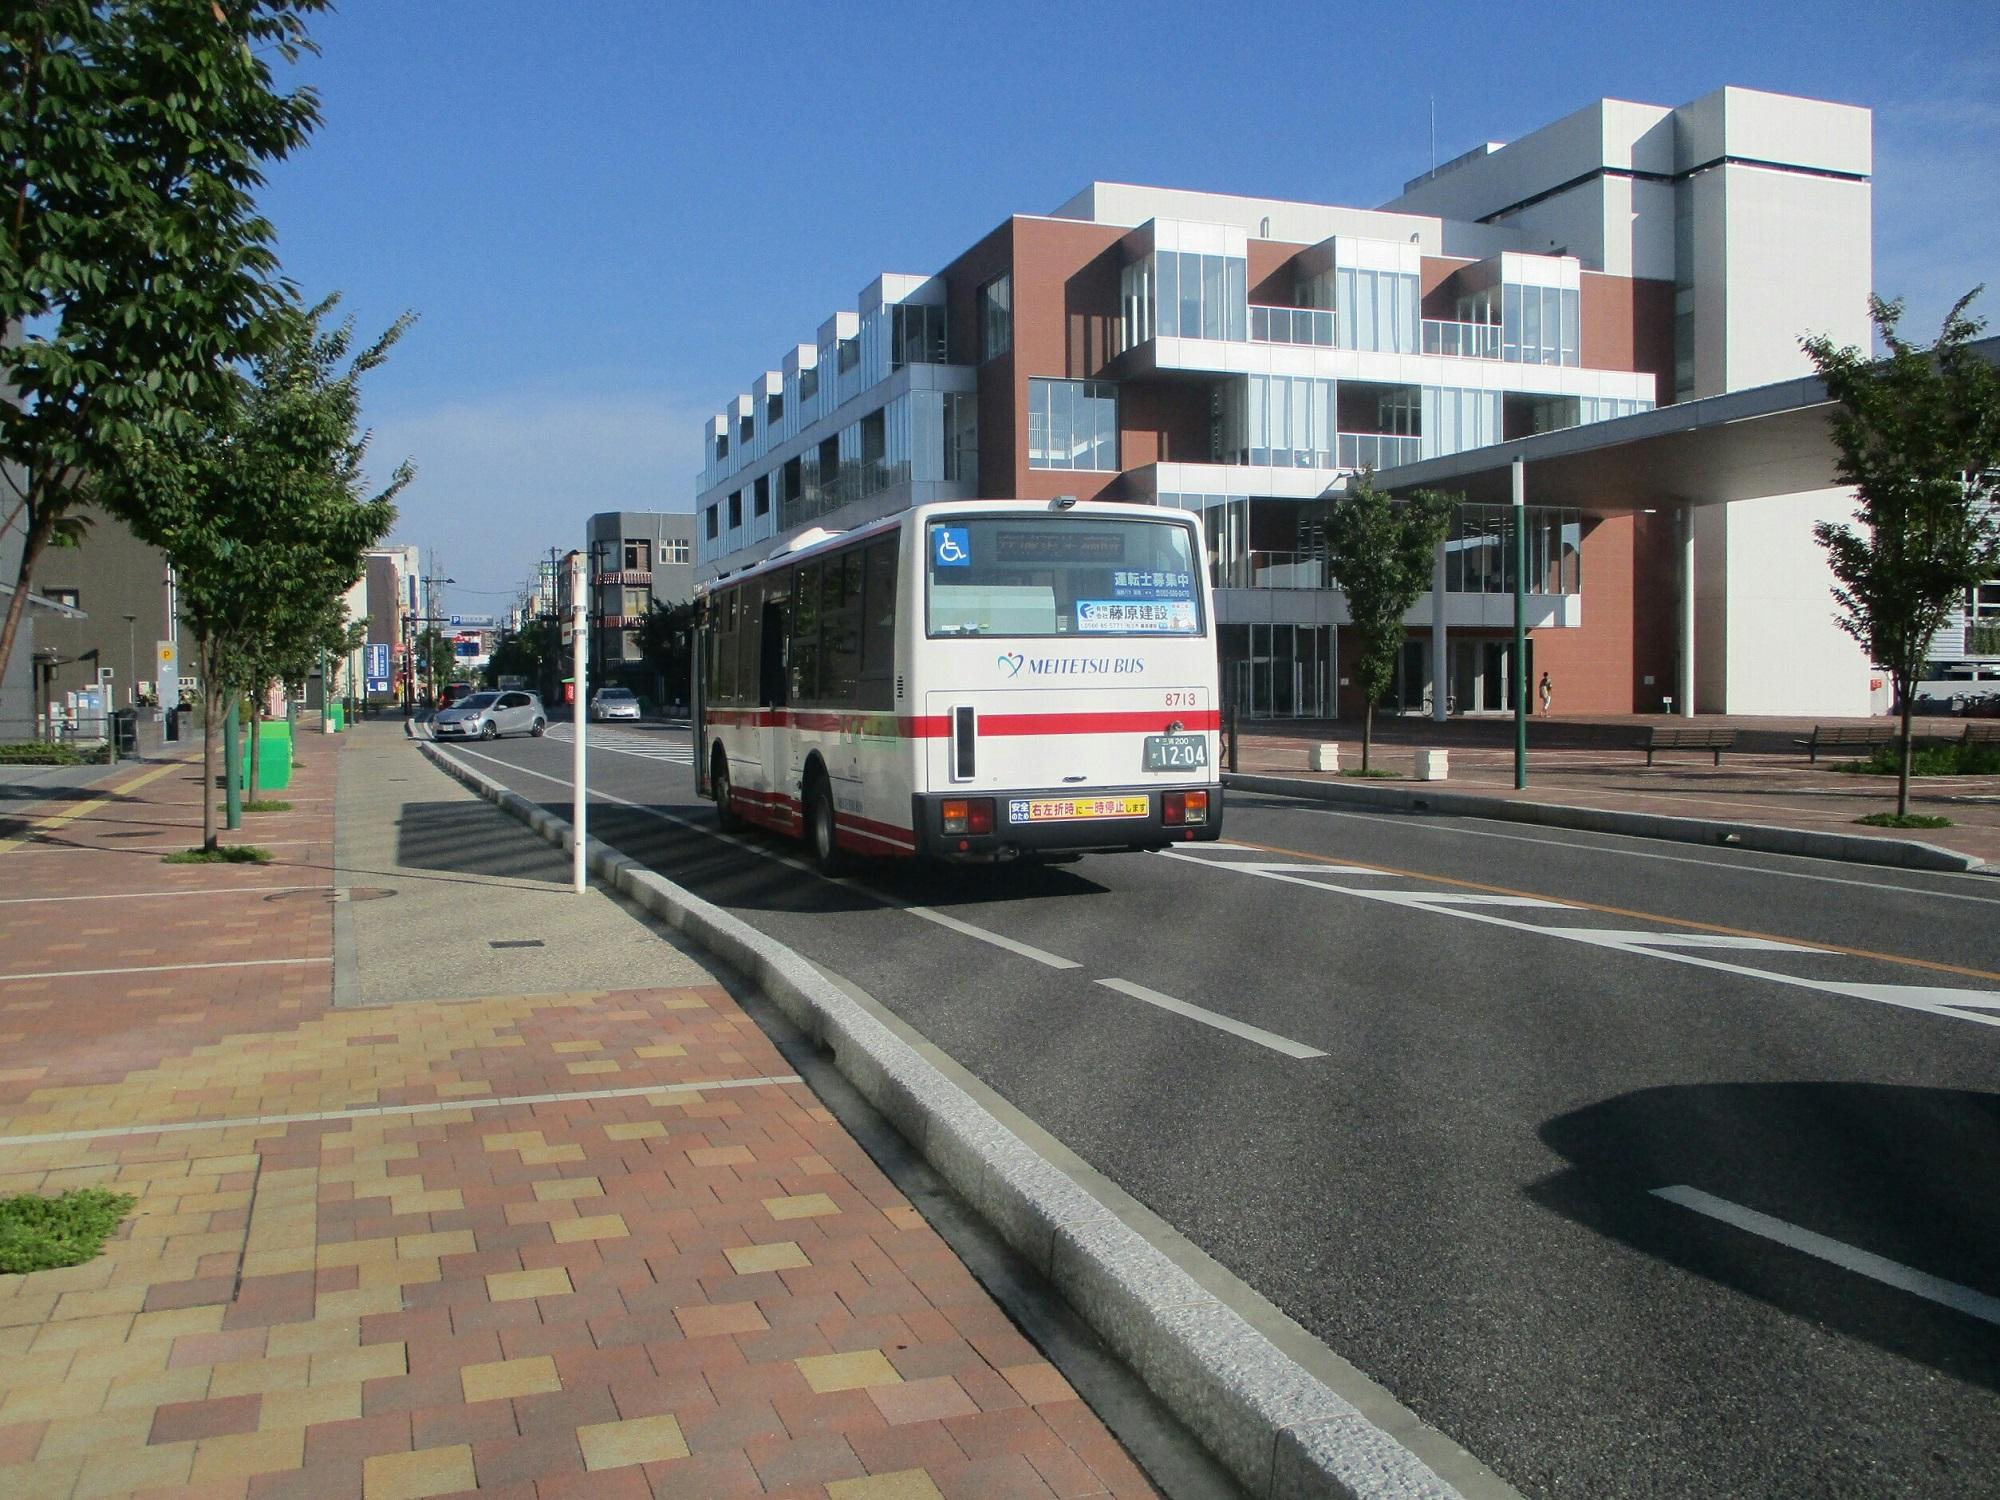 2019.8.26 (19) アンフォーレバス停 - 更生病院いきバス 2000-1500